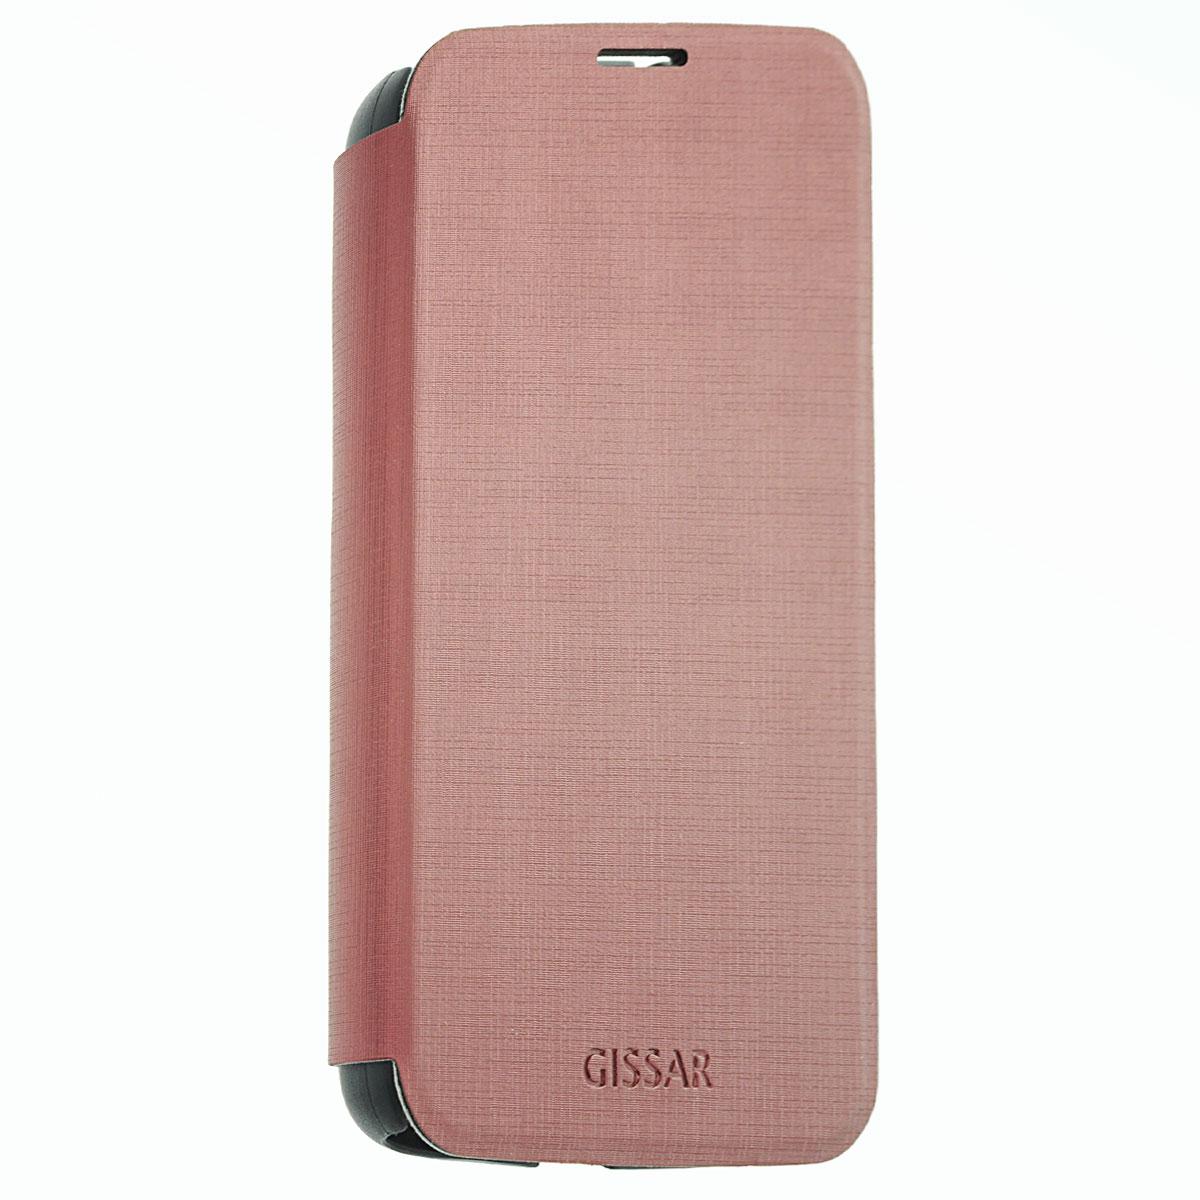 Gissar Metallic чехол для Samsung Mega 6.3, Red58593Чехол Gissar Metallic для Samsung Mega 6.3 предназначен для защиты корпуса смартфона от механических повреждений и царапин в процессе эксплуатации. Имеет свободный доступ ко всем разъемам и кнопкам устройства.